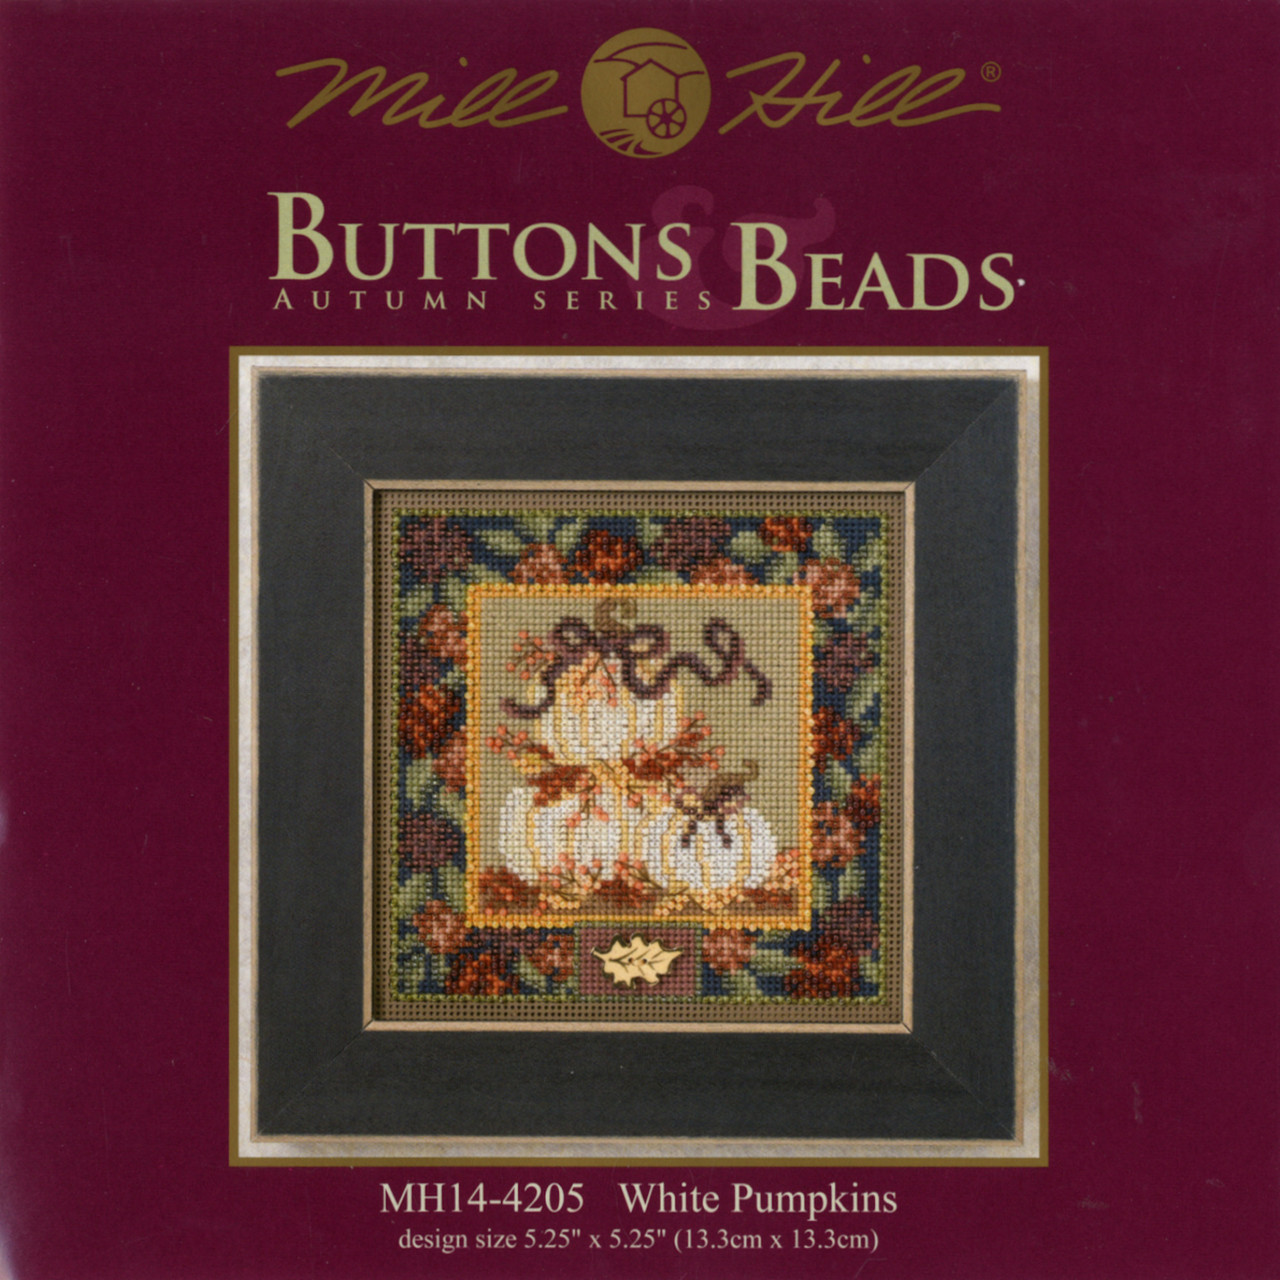 2014 Mill Hill Buttons & Beads Autumn Series  - White Pumpkins